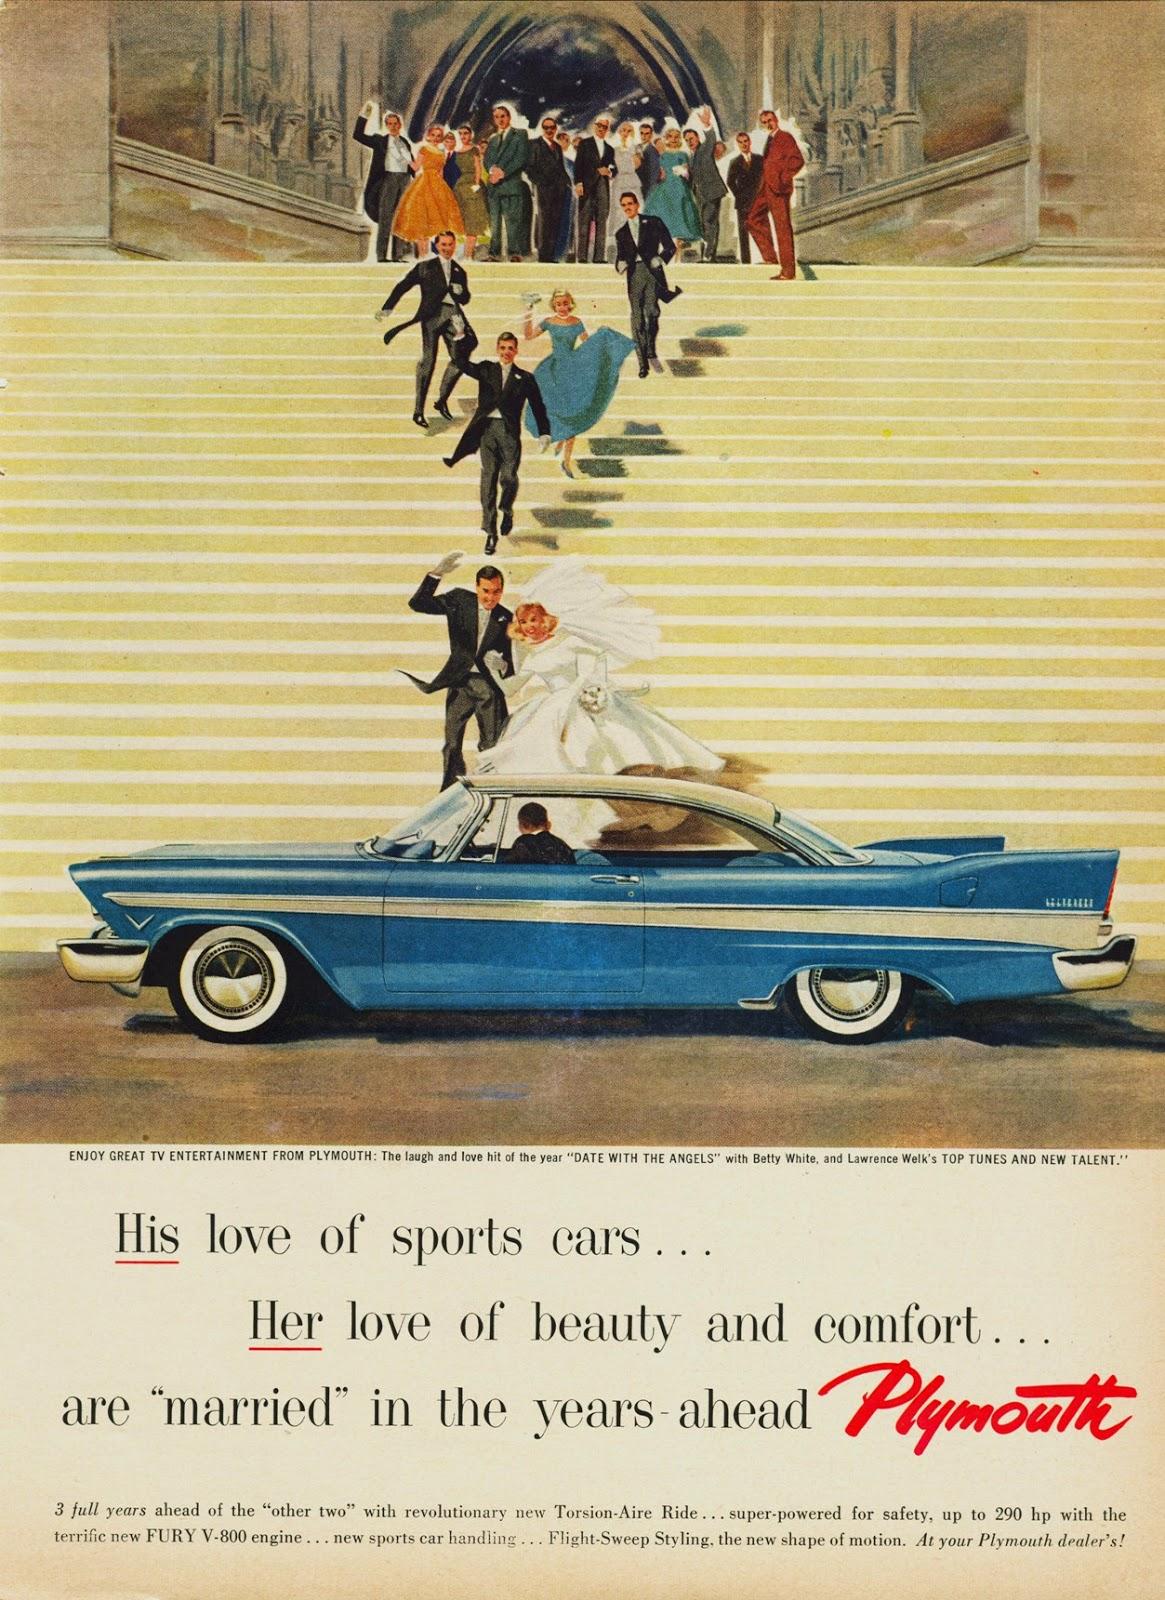 https://3.bp.blogspot.com/-zhwJSo6-N7w/VSJTsVdp50I/AAAAAAAAiR8/fOuu3DAN_9I/s1600/1957-Plymouth-Belvedere-2.jpg